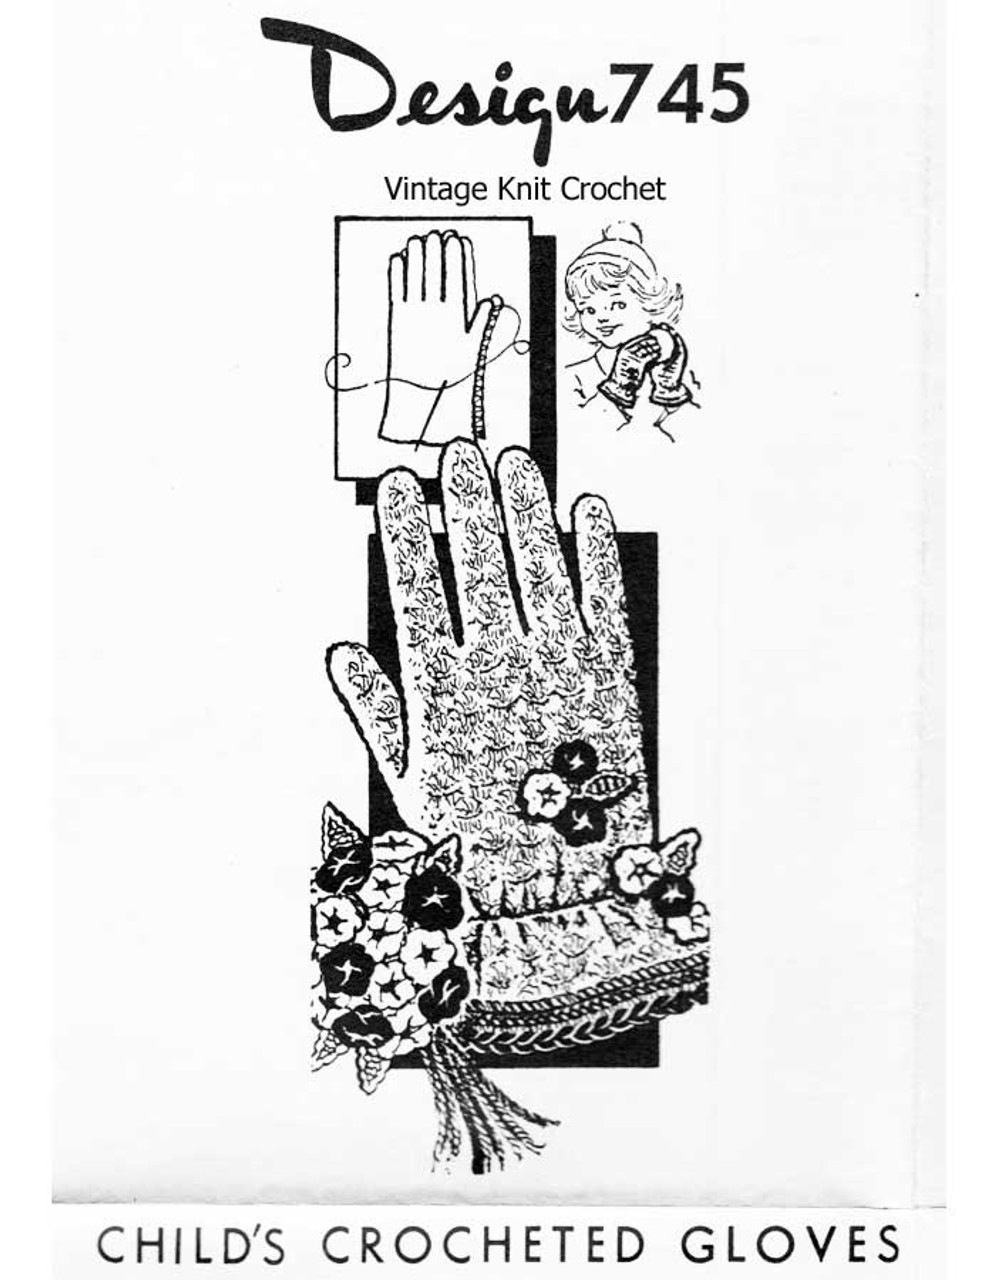 Girls Vintage Crochet Gloves Pattern, Flower Trimmed, Mail Order Design 745